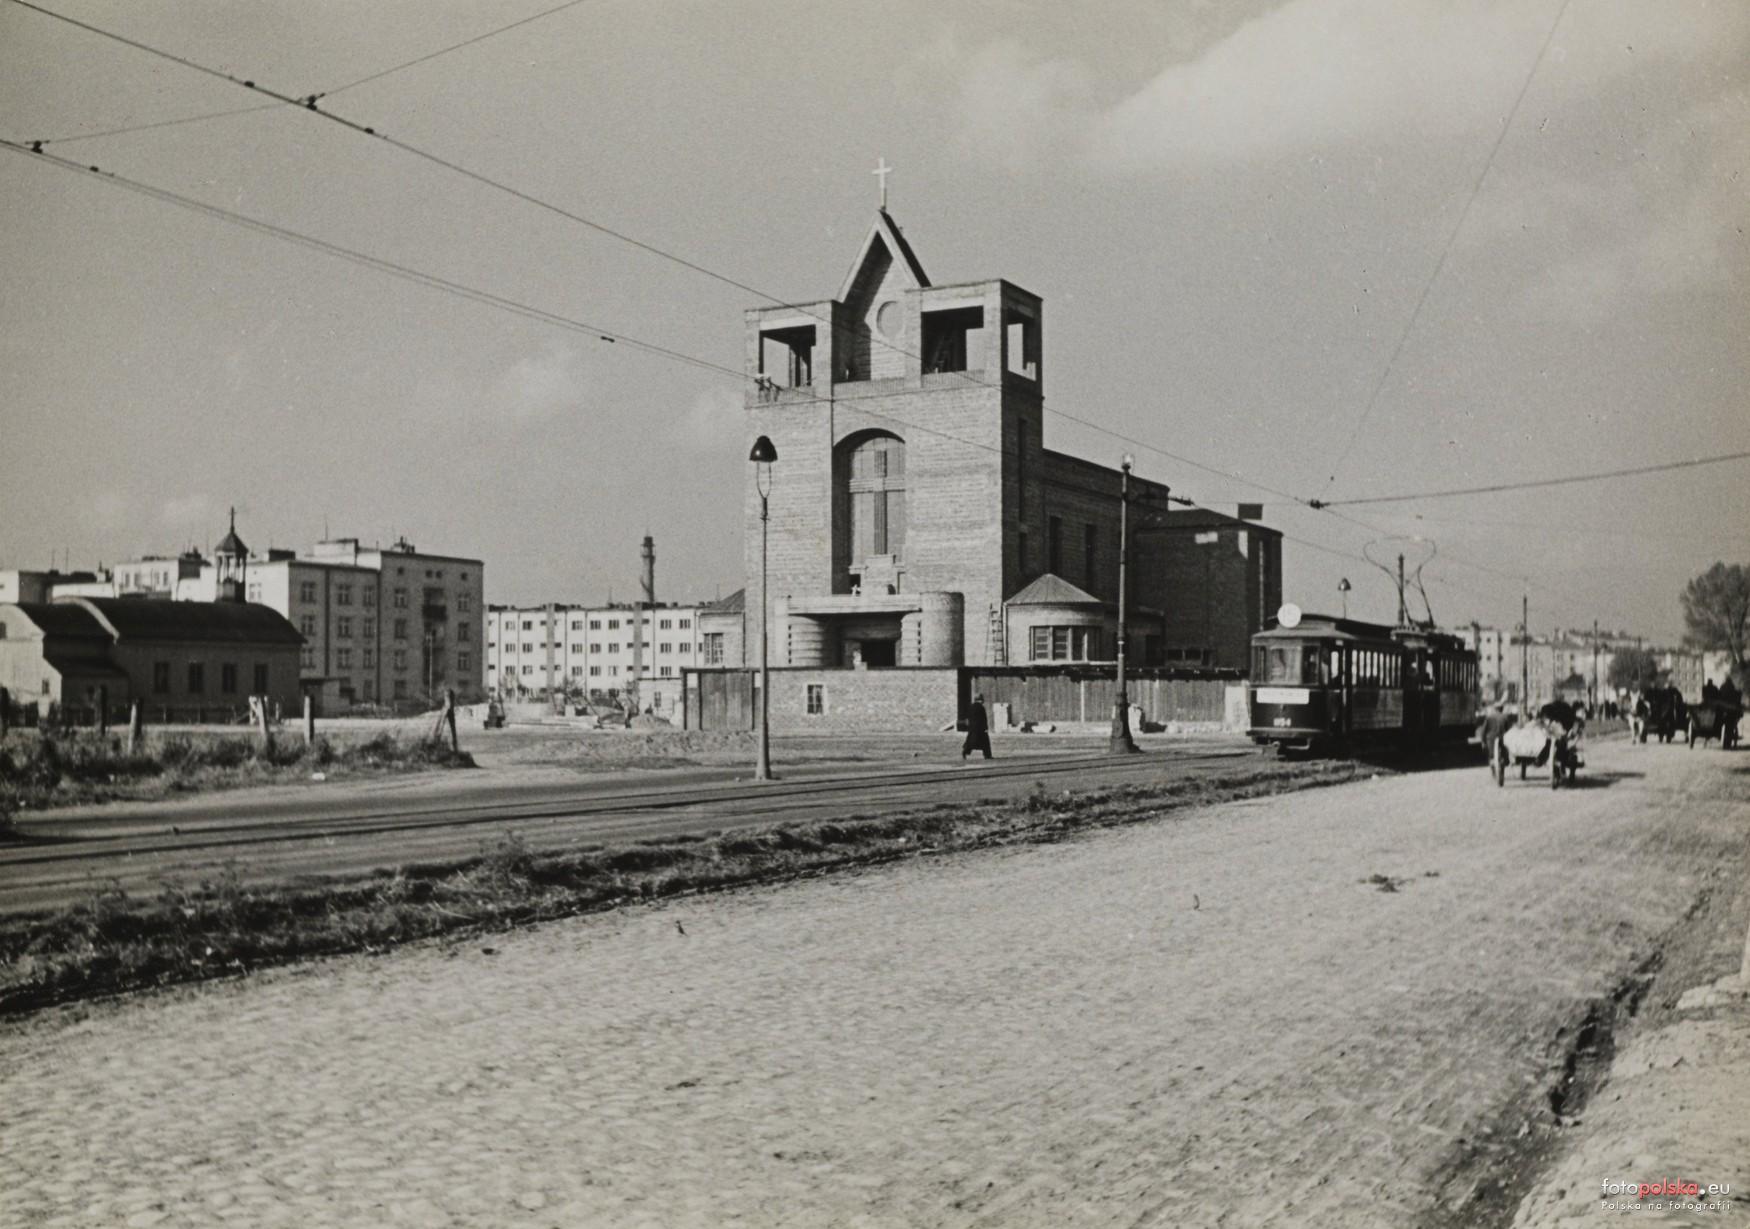 Czarno białe zdjęcie kościoła wtrakcie budowy.